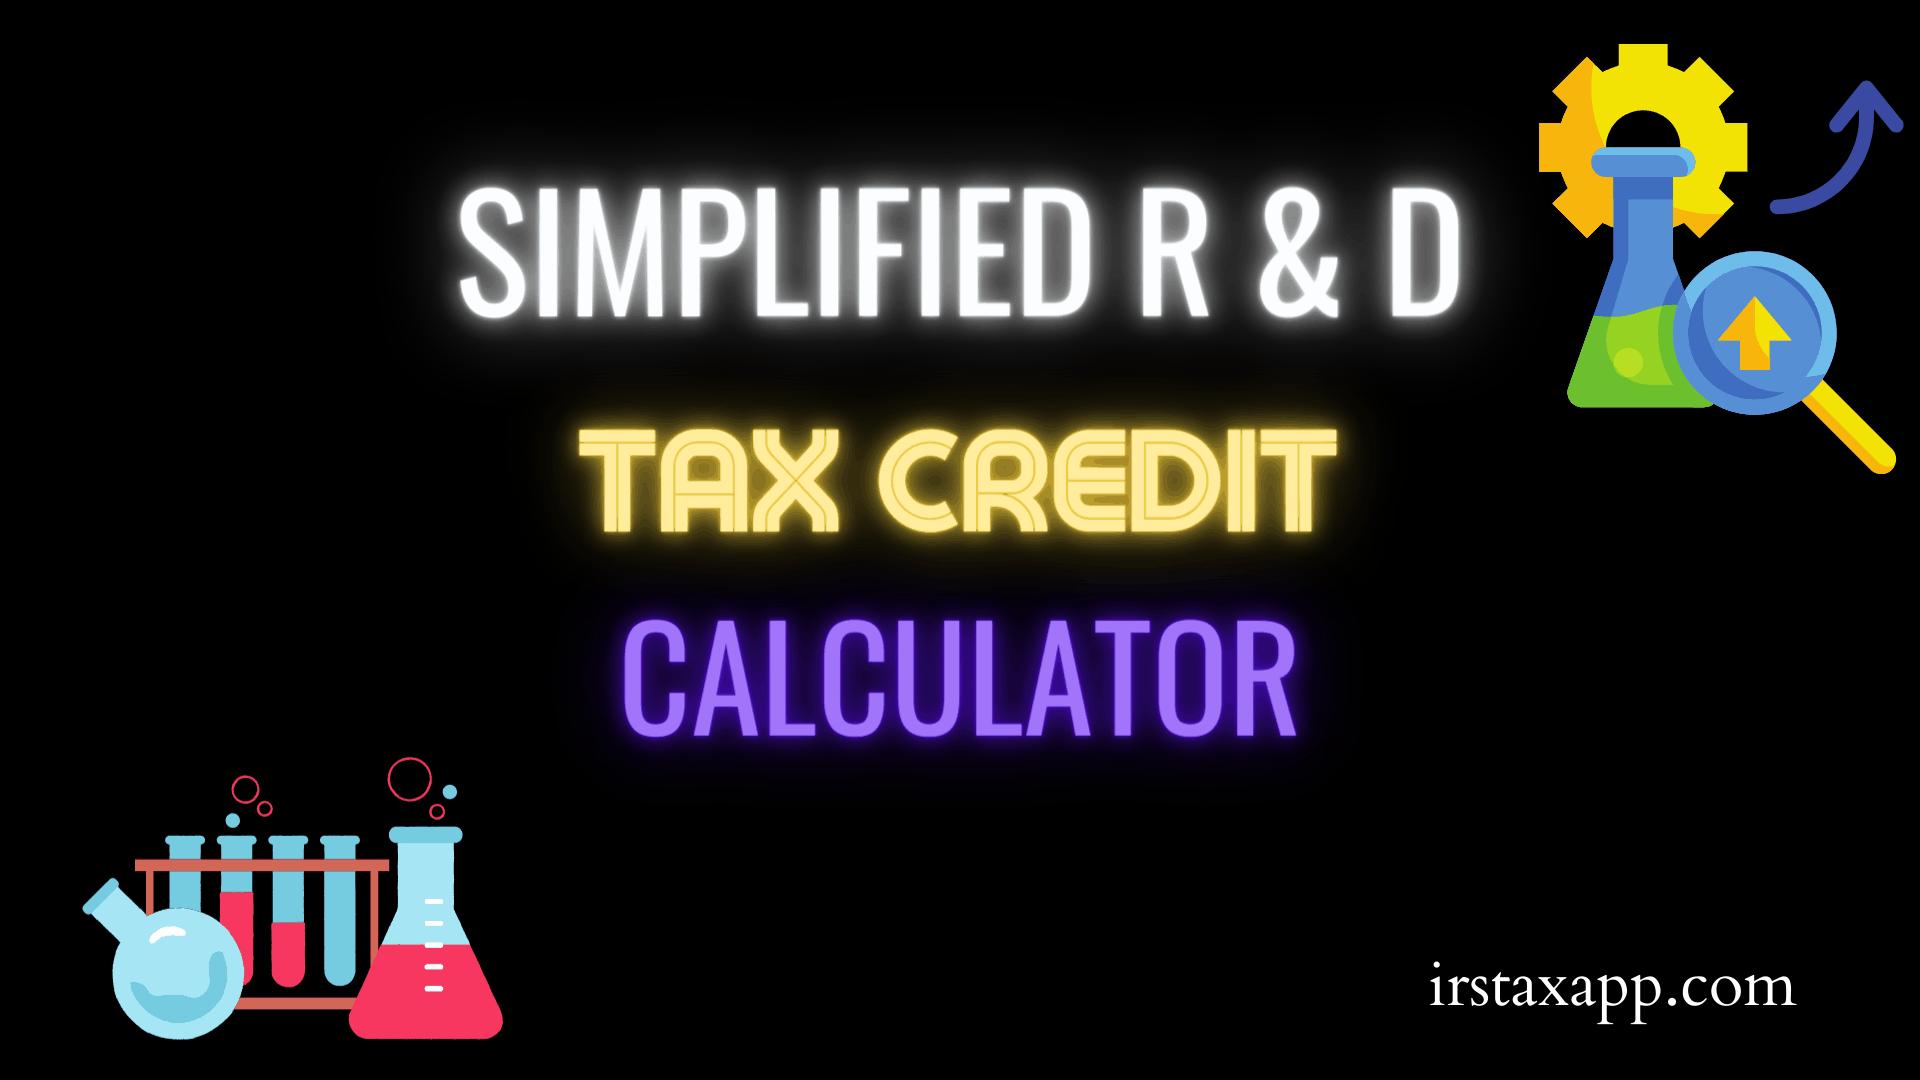 R & D tax credit